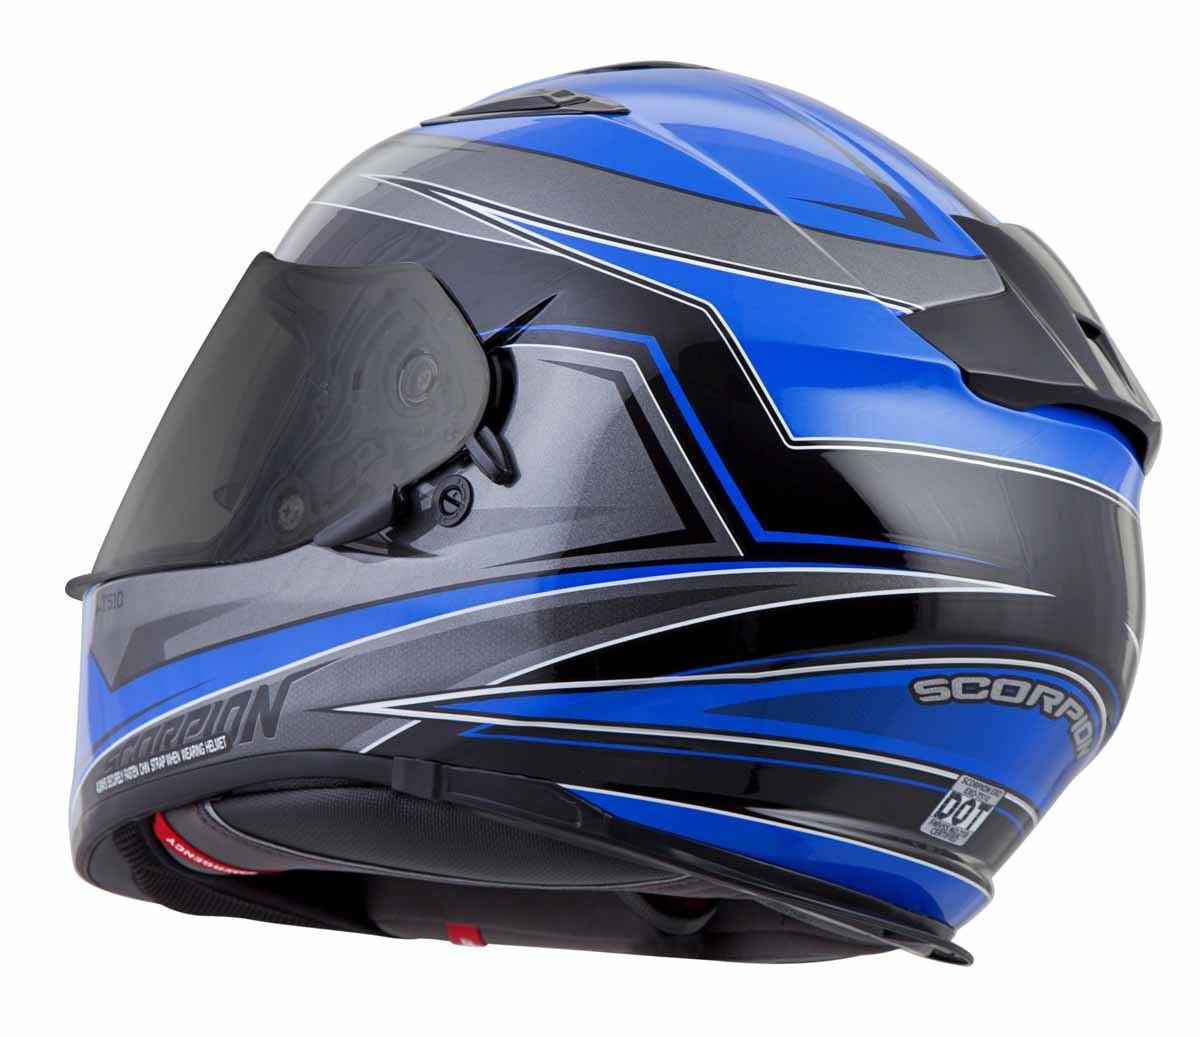 Scorpion-EXO-T510-Helmet-Full-Face-DOT-Approved-Inner-Sun-Shield miniature 30